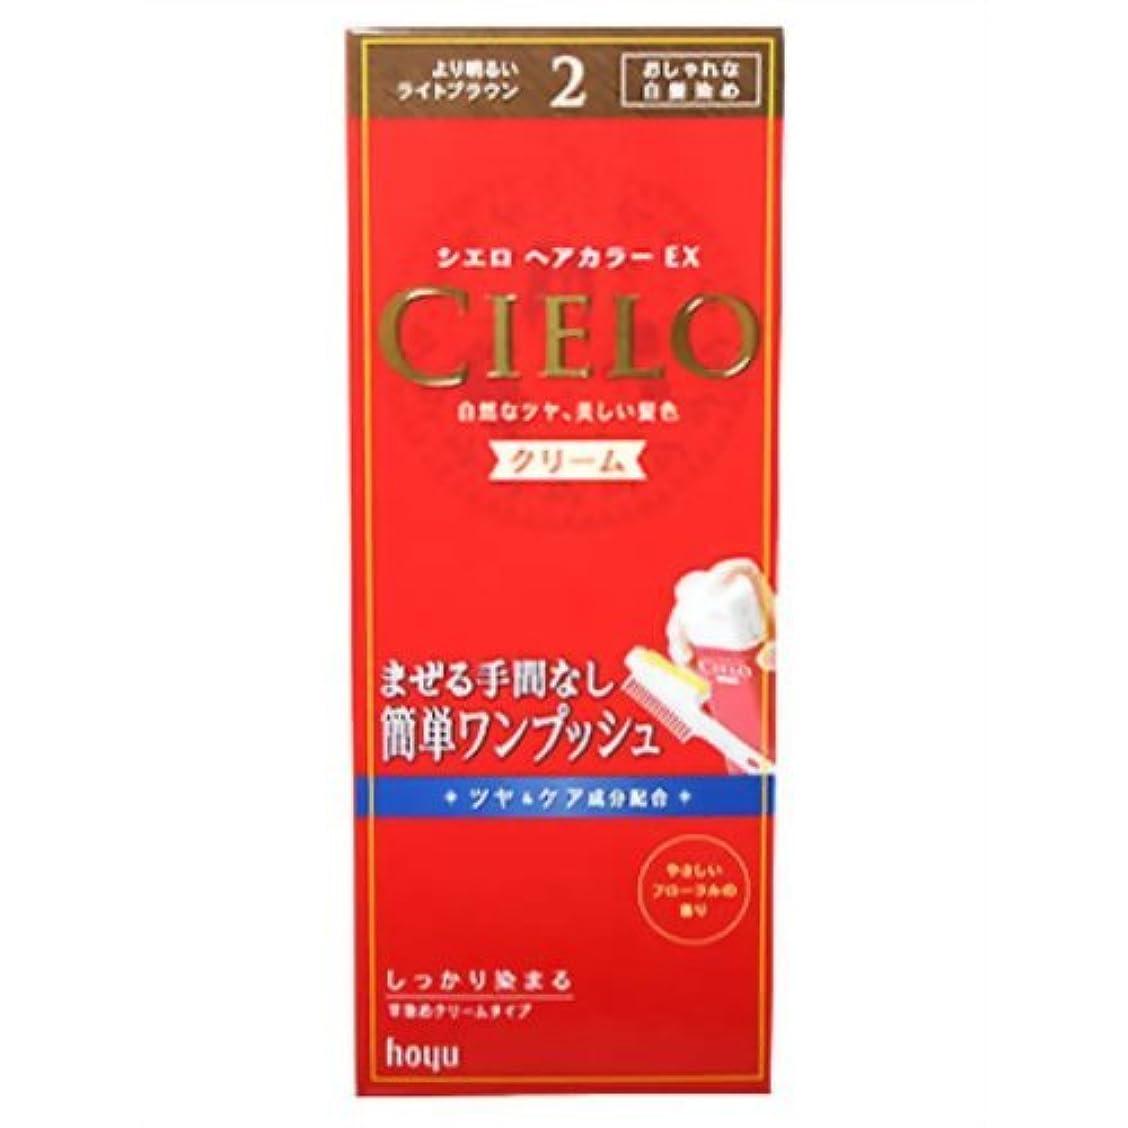 異形国際興奮シエロ ヘアカラーEX クリーム2 (より明るいライトブラウン)